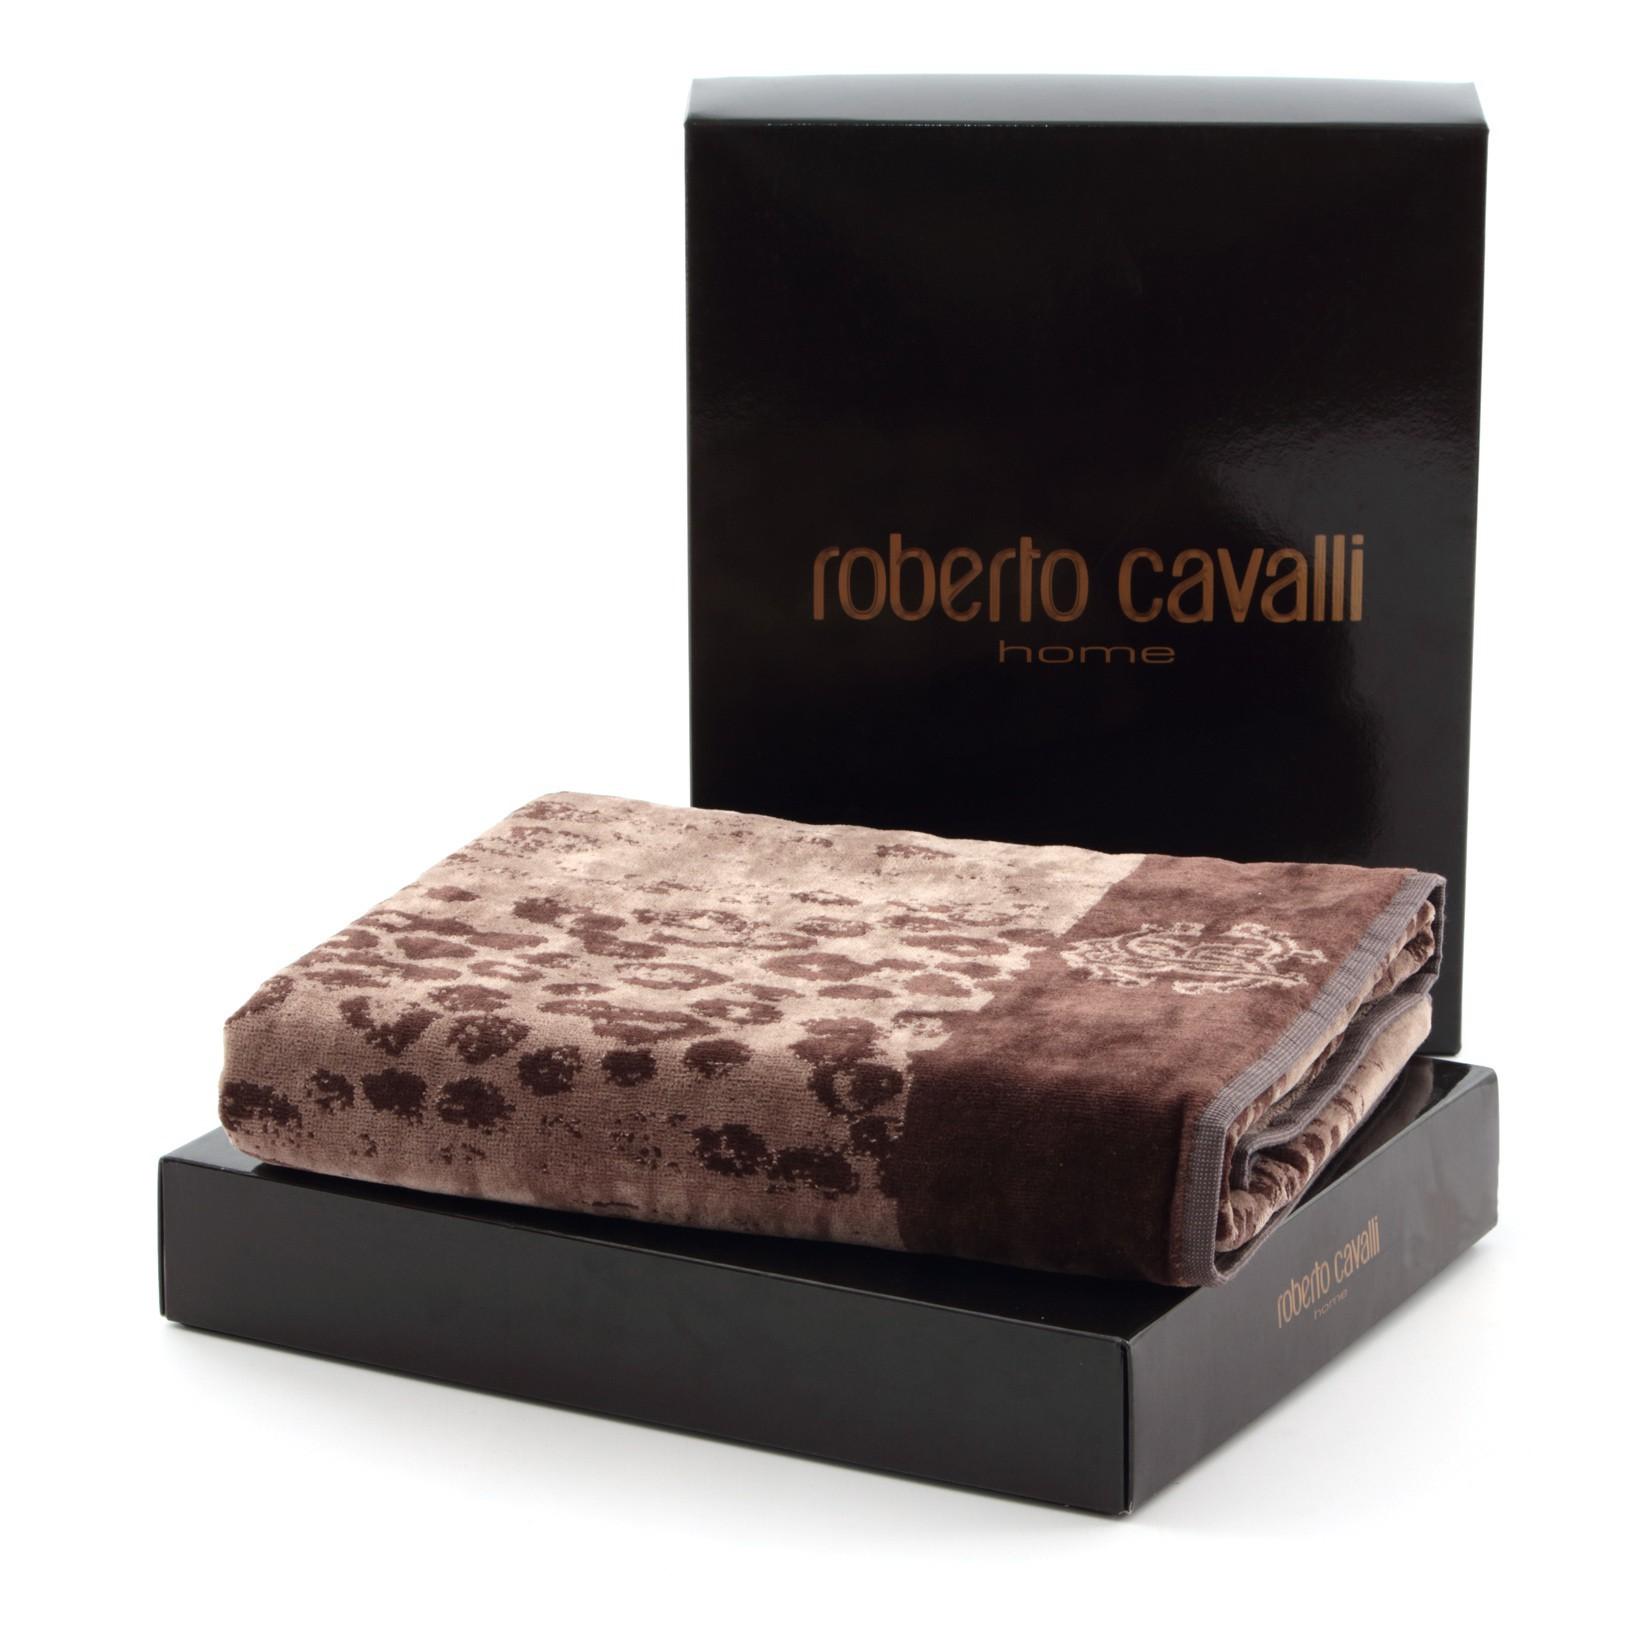 Полотенца Полотенце 95х150 Roberto Cavalli Giaguaro коричневое elitnye-polotentsa-velyurovye-giaguaro-korichnevye-ot-roberto-cavalli-italiya-vid-s-upakovkoy.jpg